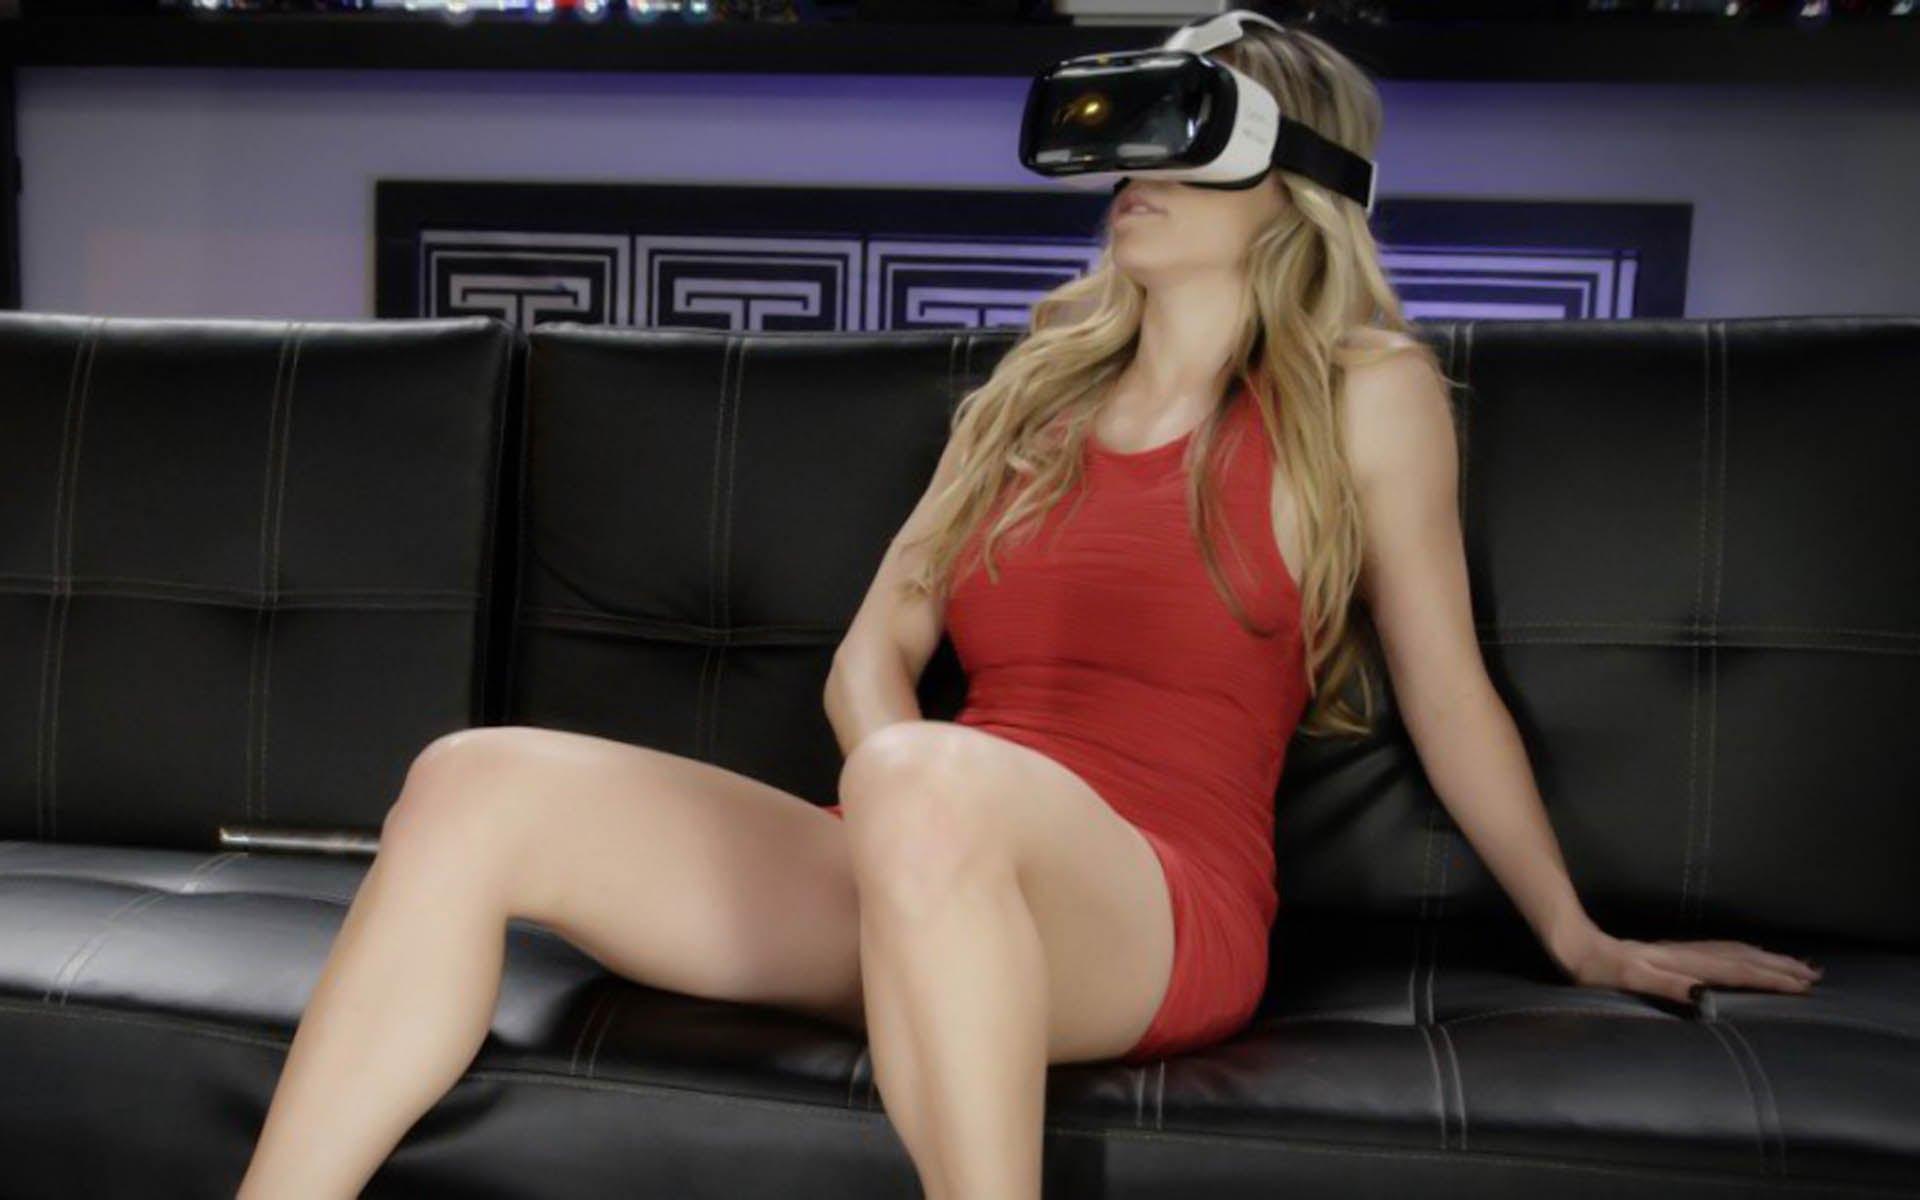 Роботы и постельные игры: каким окажется интим будущего. ФОТО